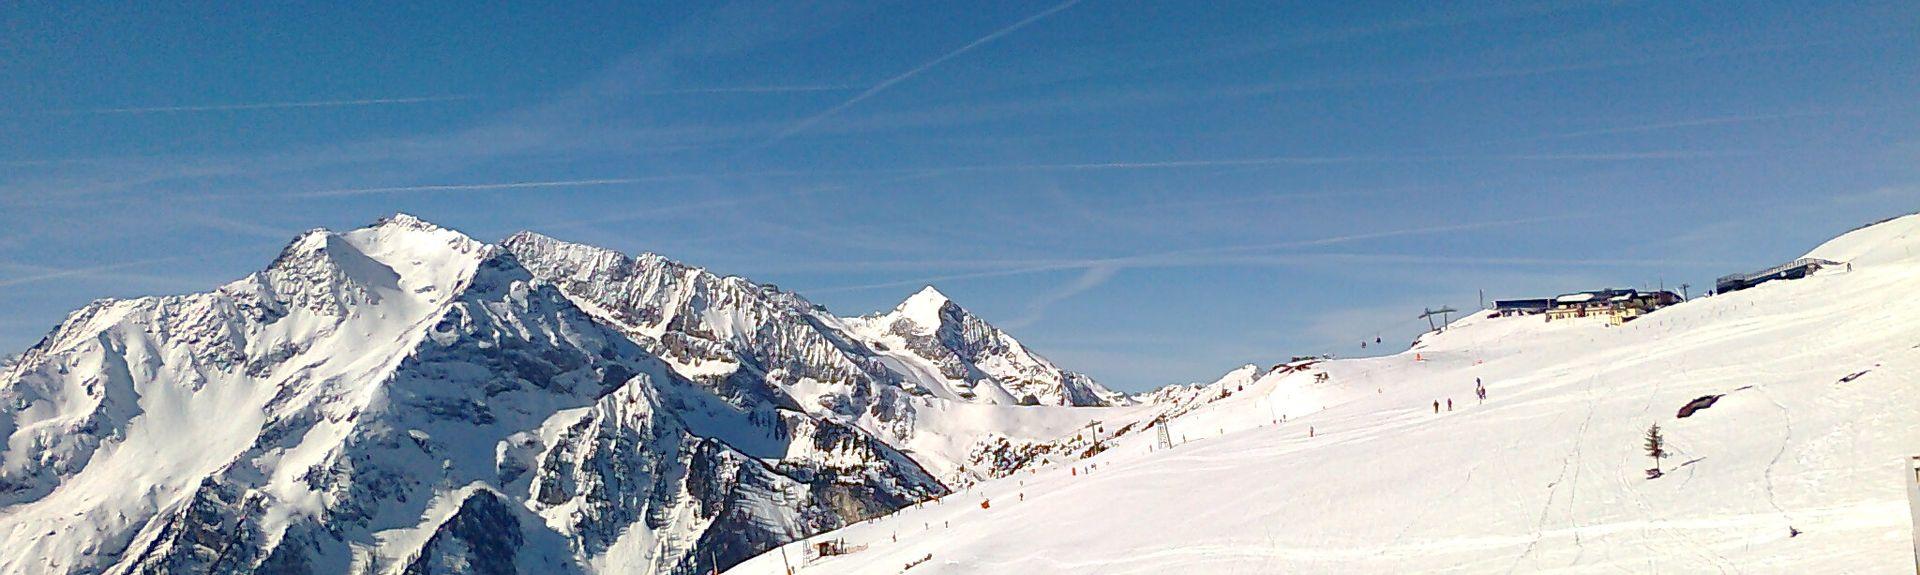 Tuxertal, Tux, Tyrol, Austria